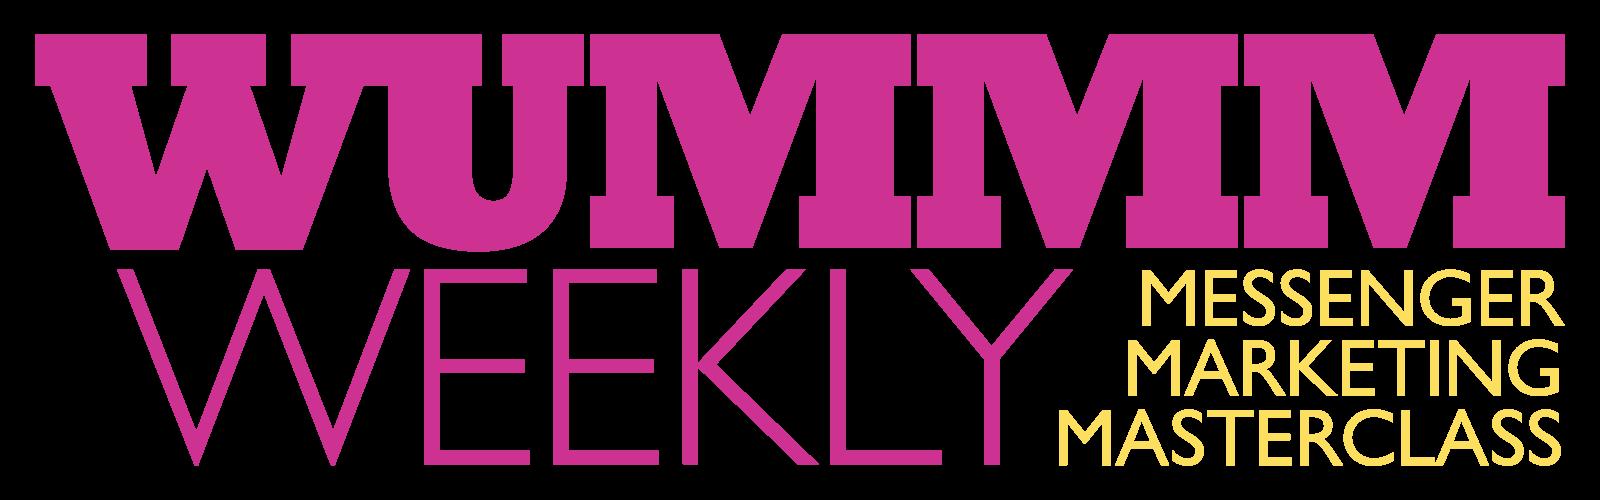 WUMMM weekly